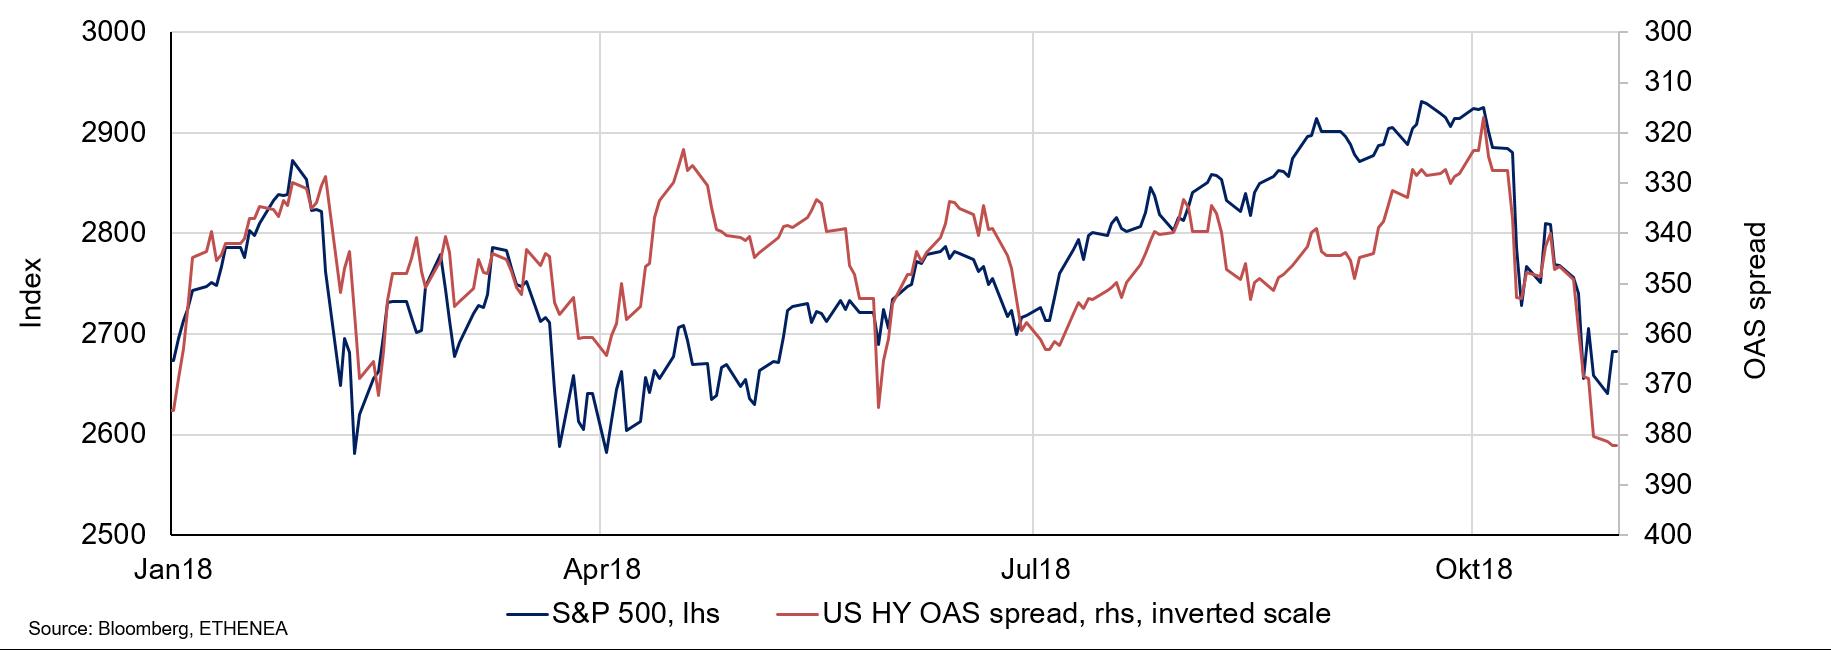 6db7a1a27f Grafico 1: andamento della capitalizzazione di mercato sulle borse  azionarie.